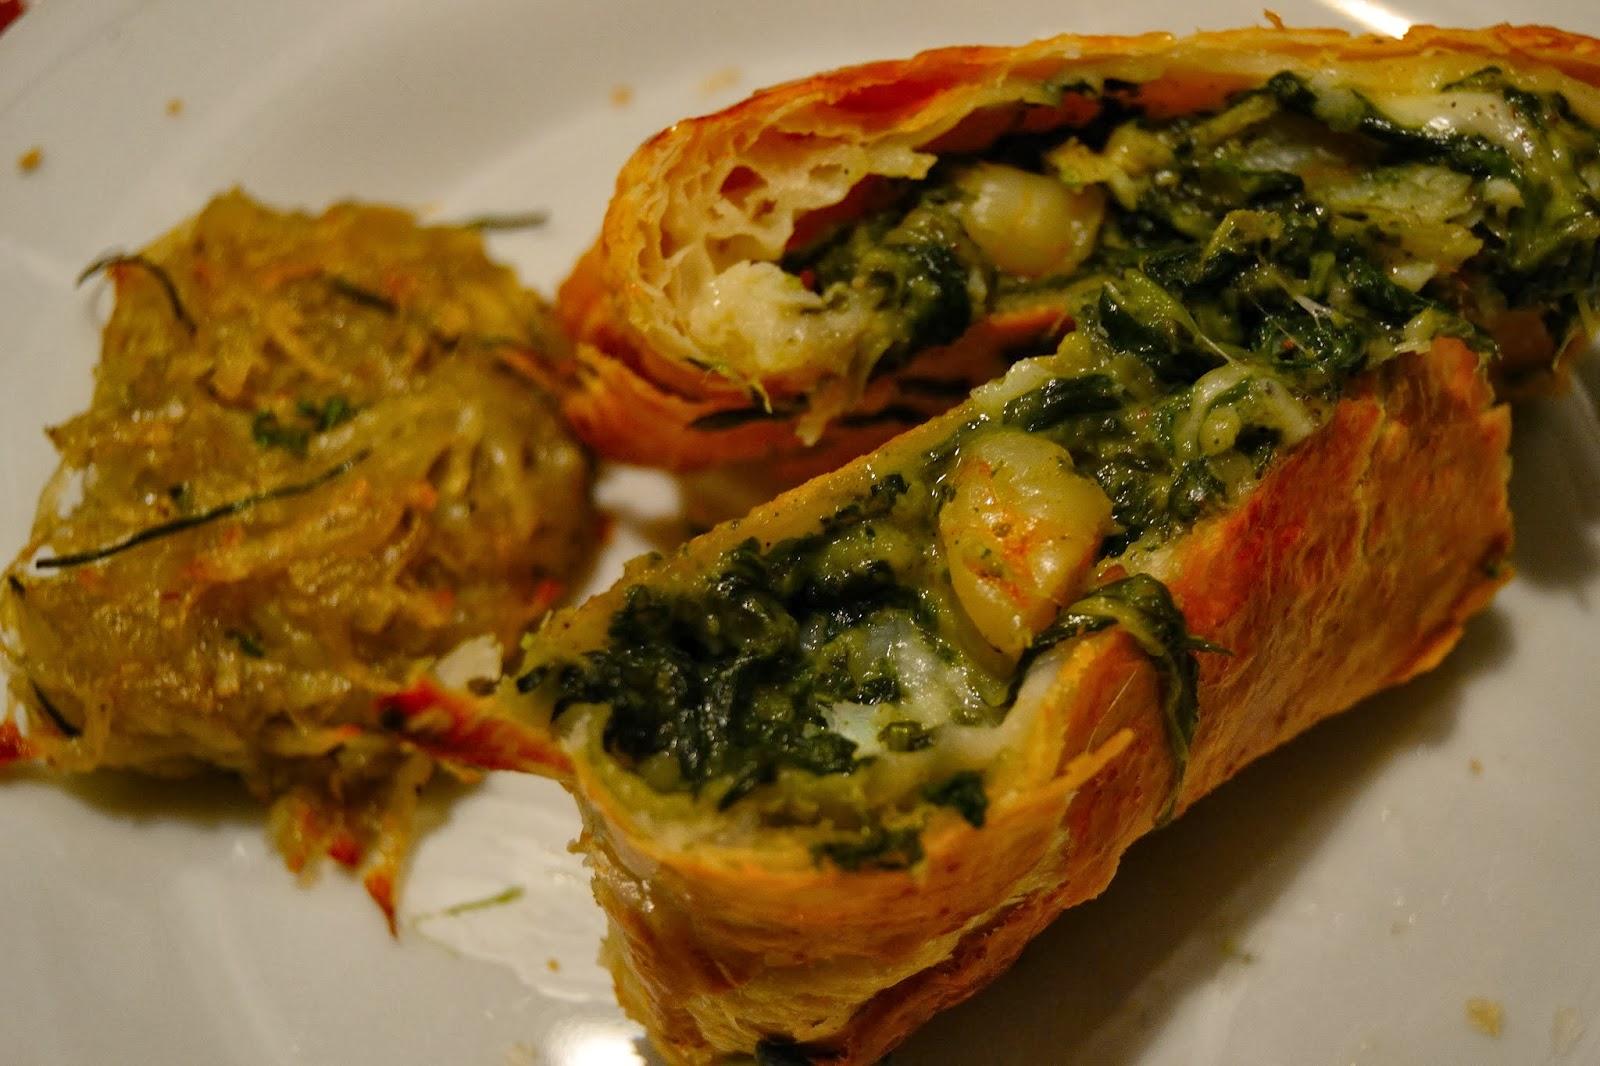 Hojaldre de espinacas lenguado y gambas cocinar para nutrir for Cocinar espinacas